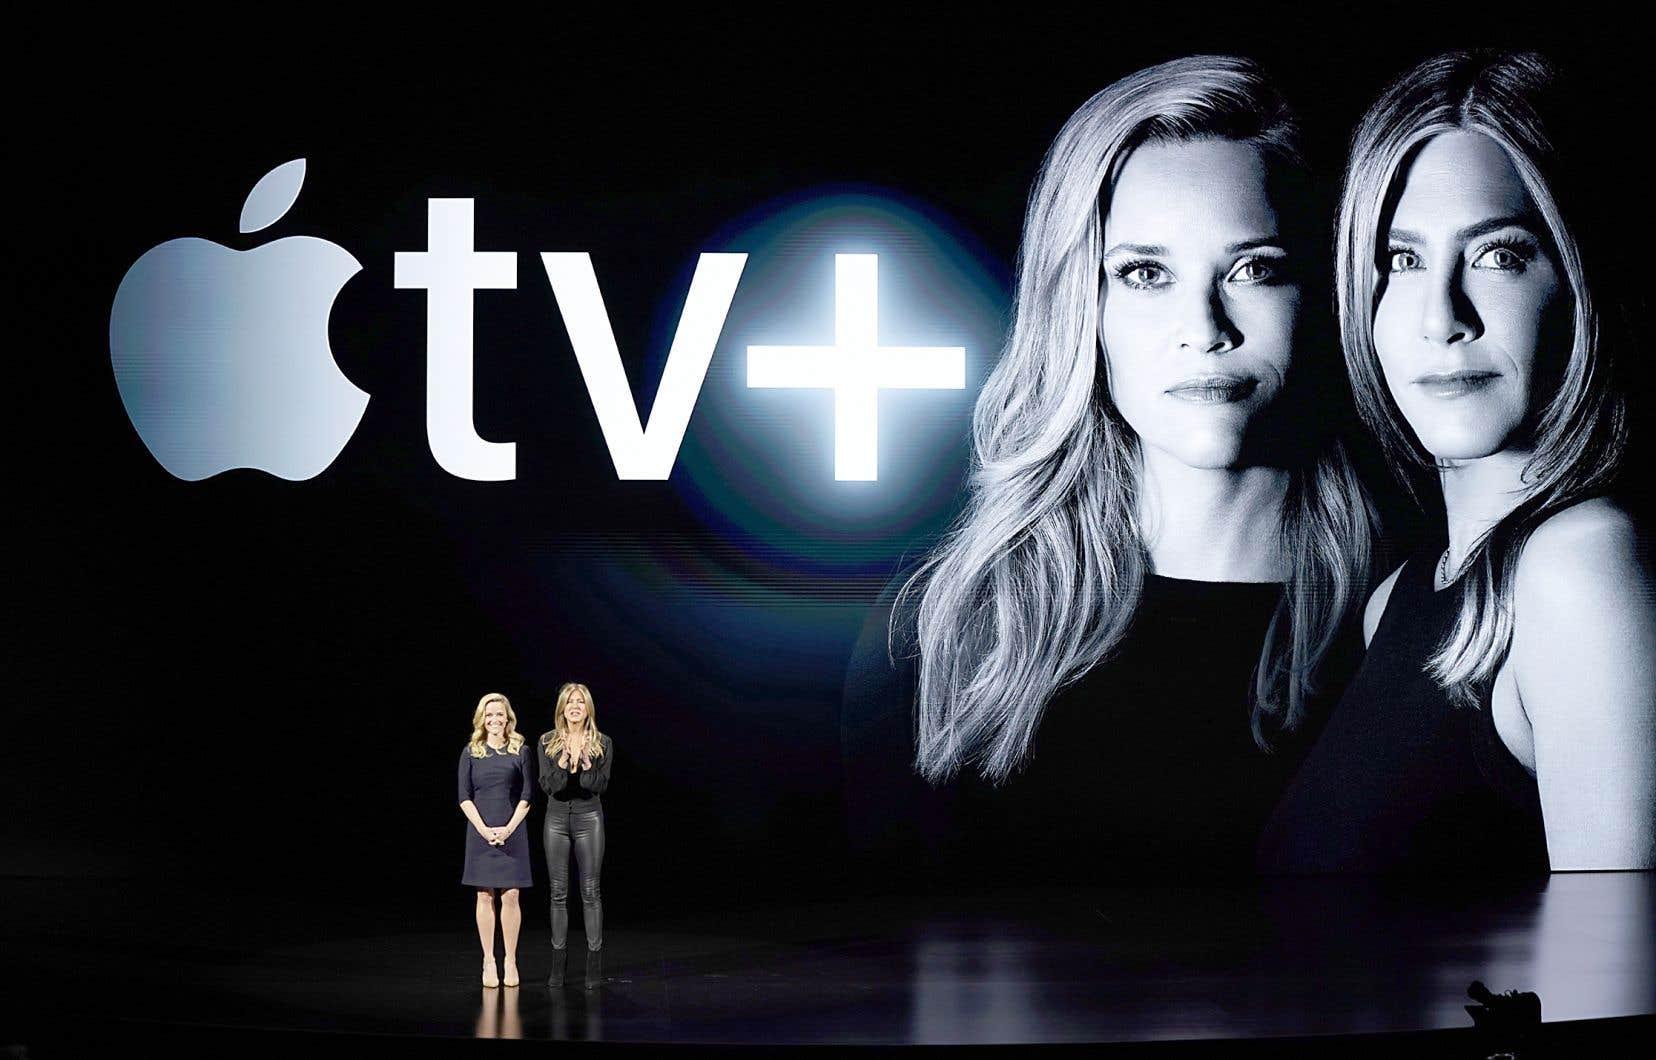 Le géant des technologies a fait son annonce à son siège de Cupertino, en Californie, lors d'un événement qui rassemblait lundi des célébrités comme Reese Witherspoon et Jennifer Anniston.